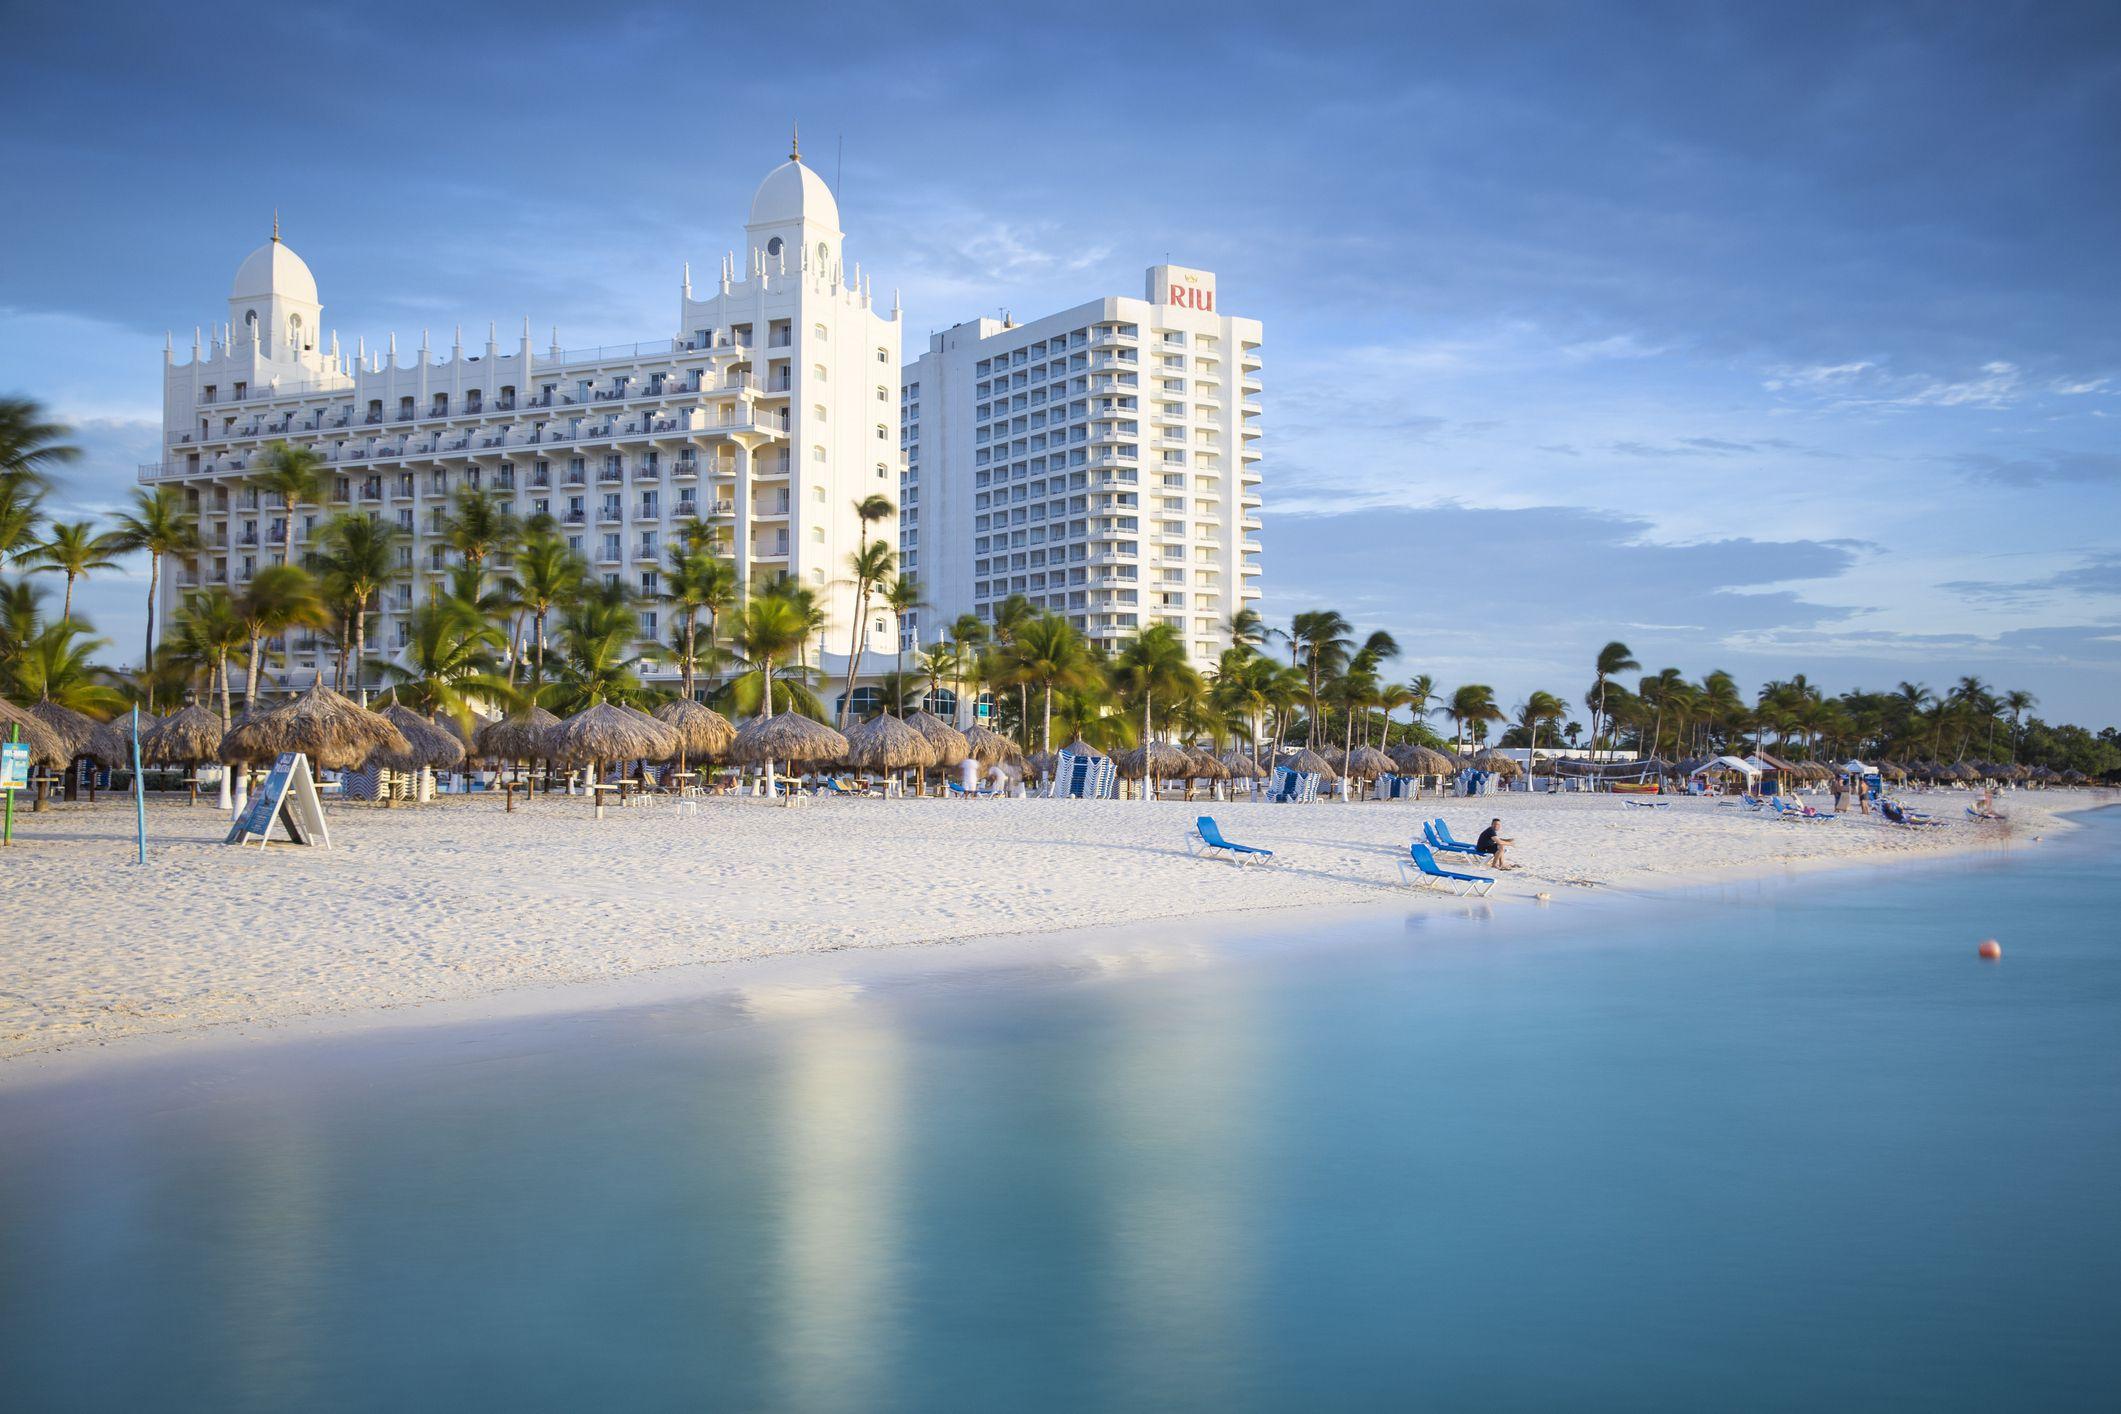 Best All Resorts 2019 Aruba Inclusive The 9 Of j4L5Aq3R